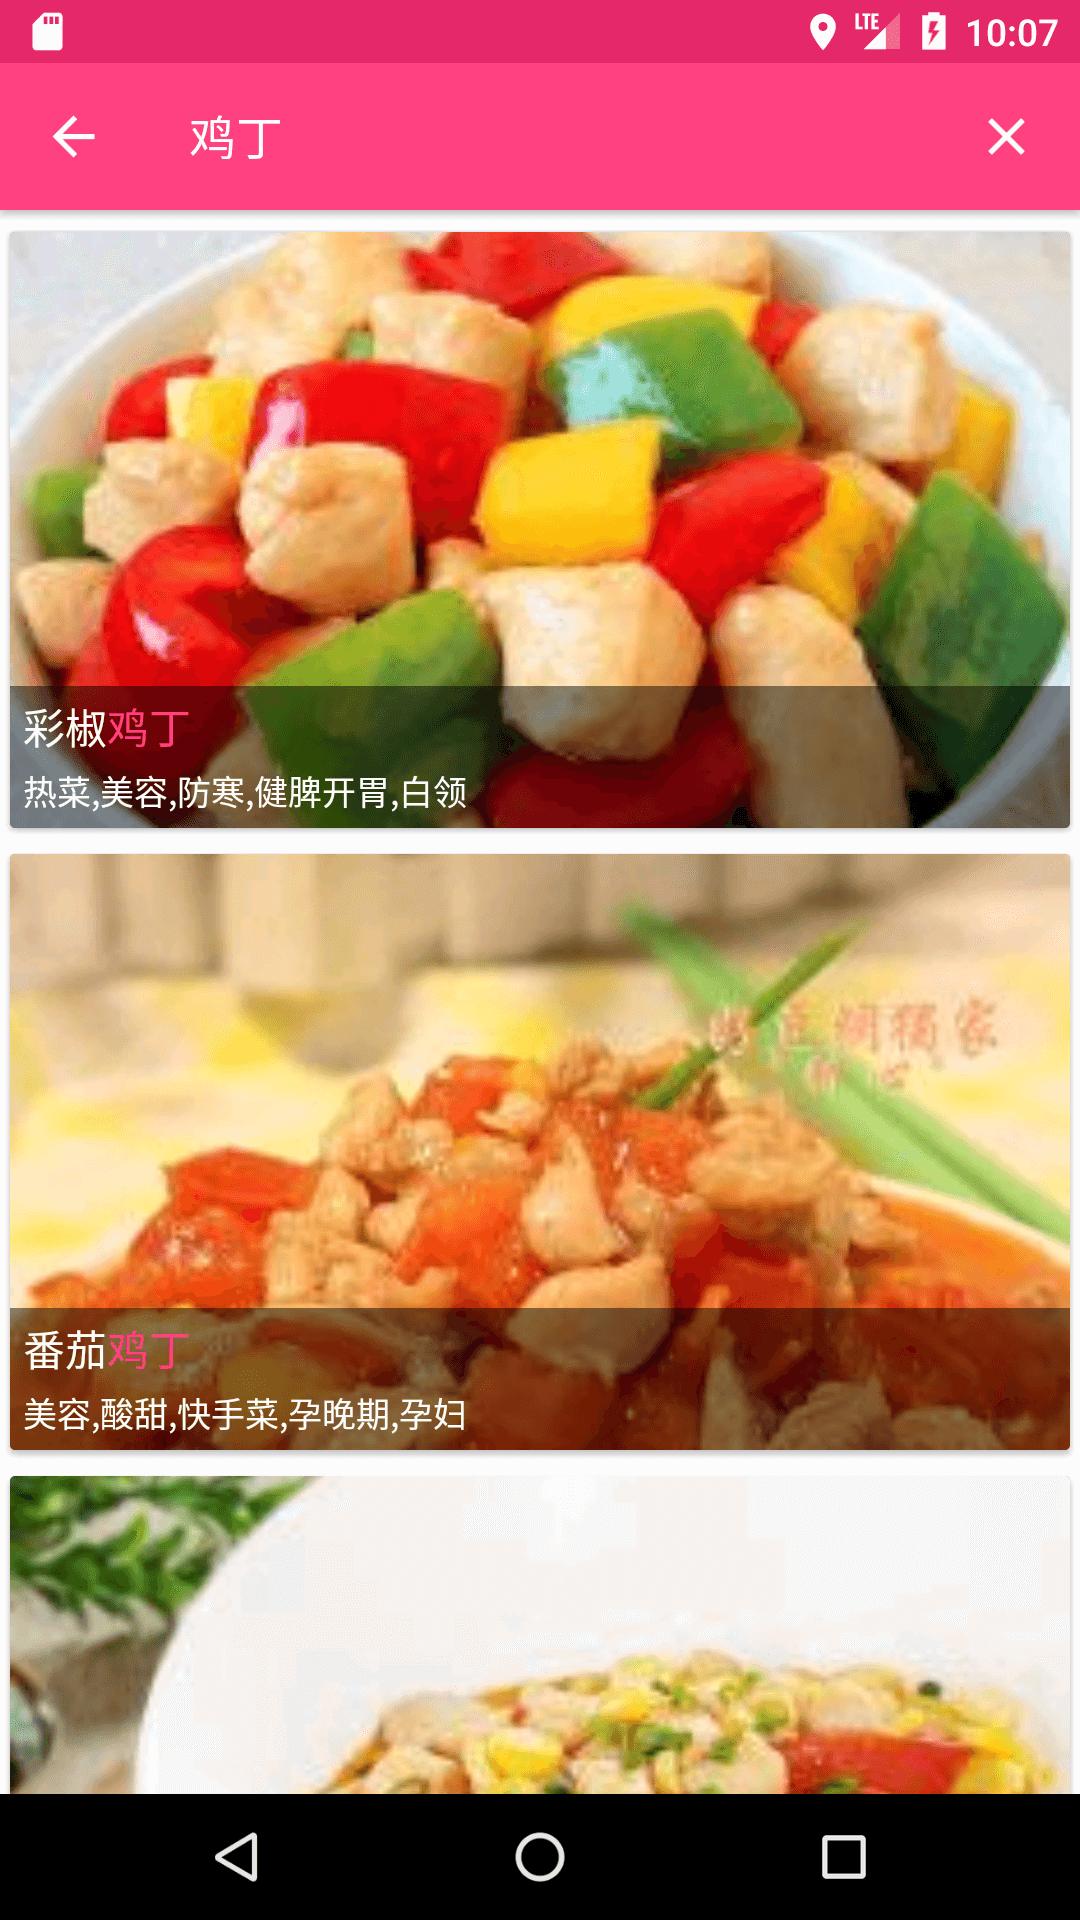 美食健康菜谱软件截图4